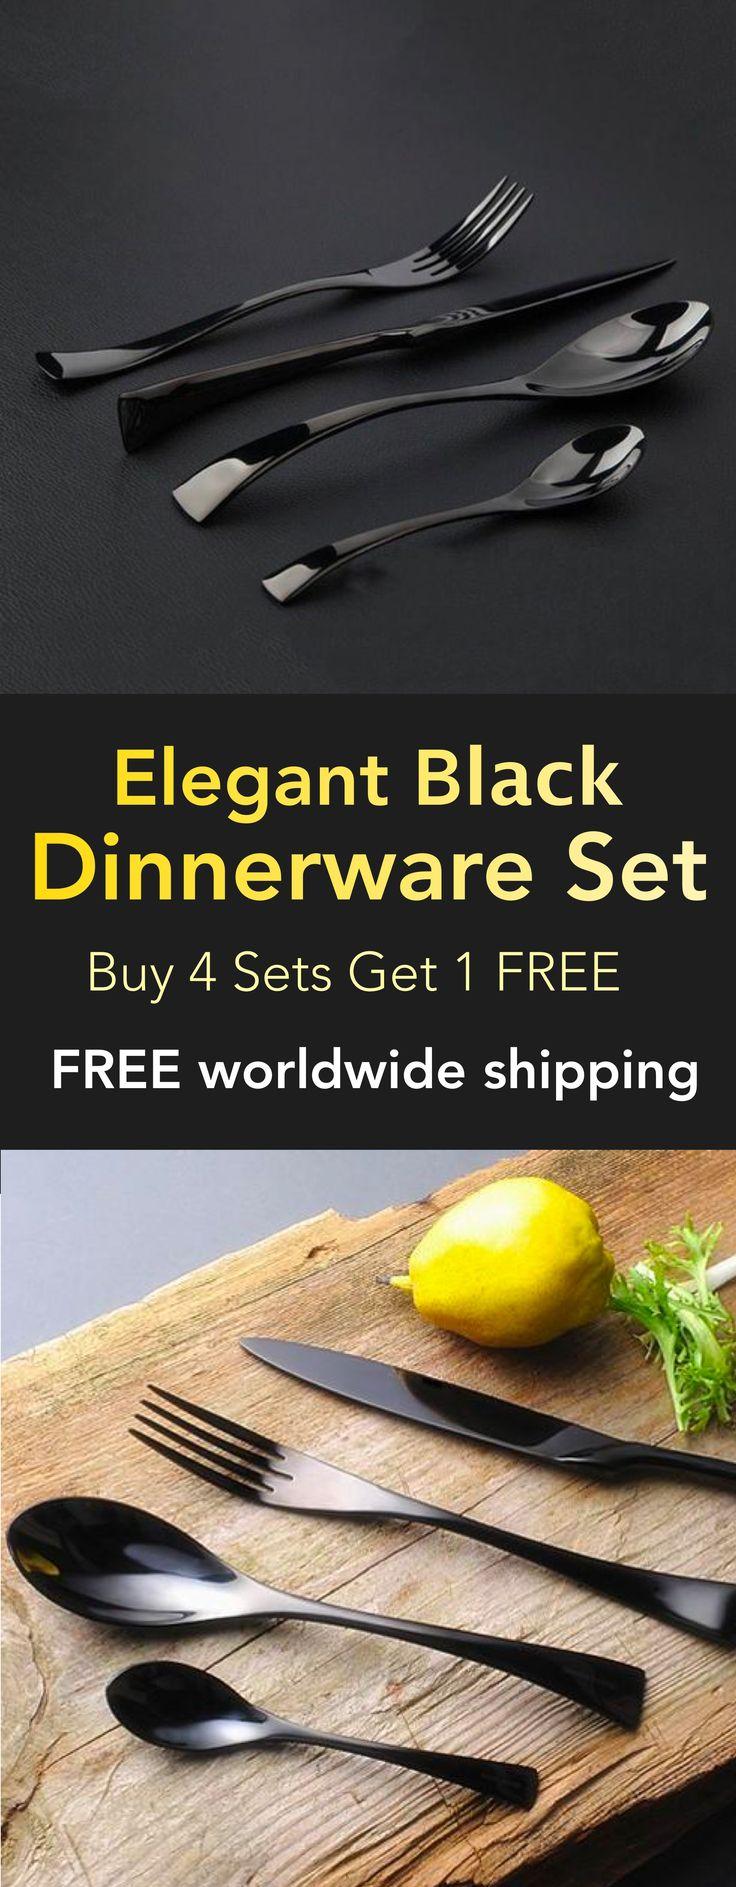 Black Stainless Steel Dinnerware Set